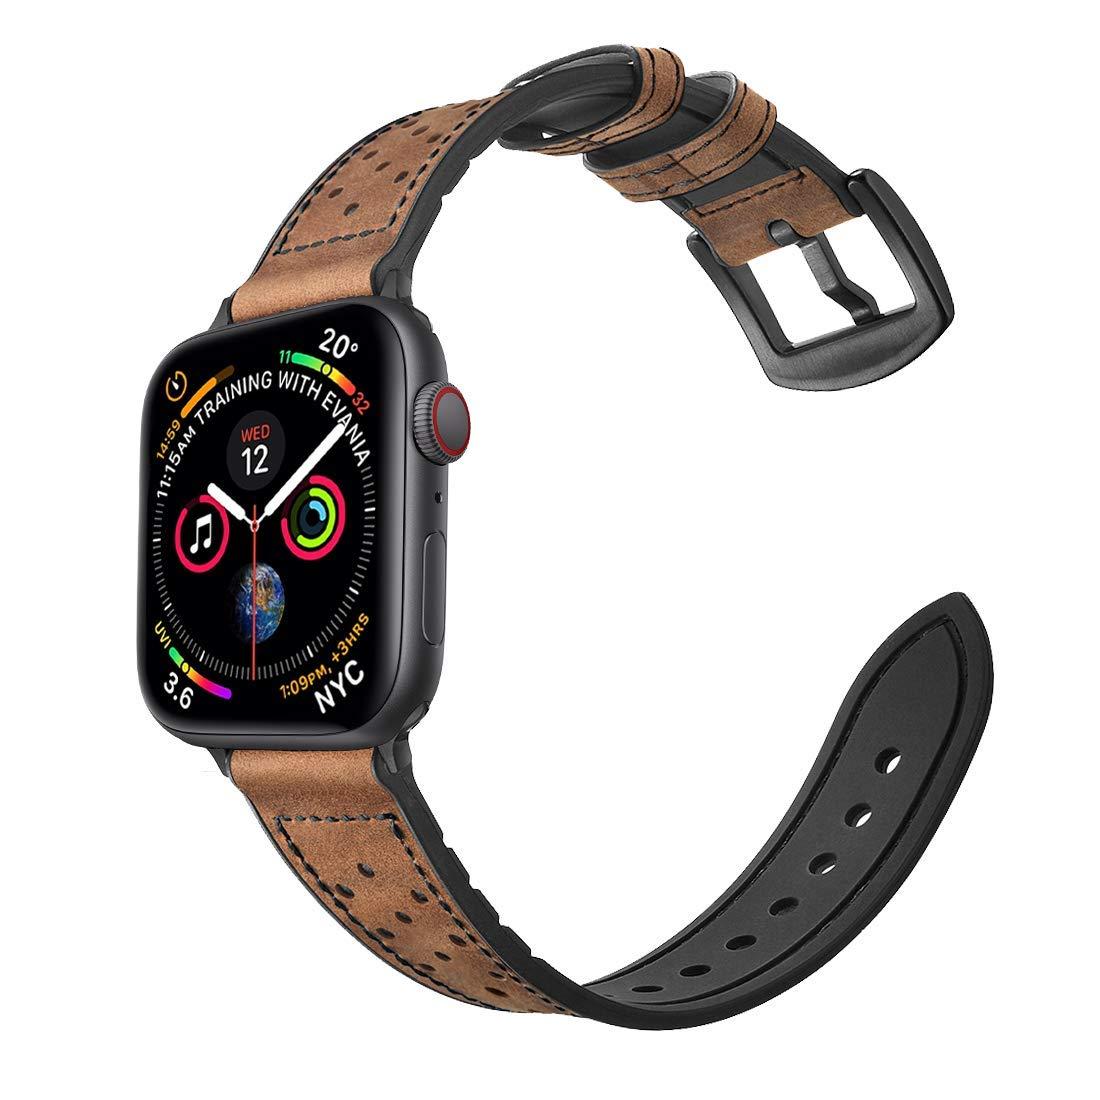 Malla Cuero Para Apple Watch (42/44mm) Mifa [7dycj1cm]